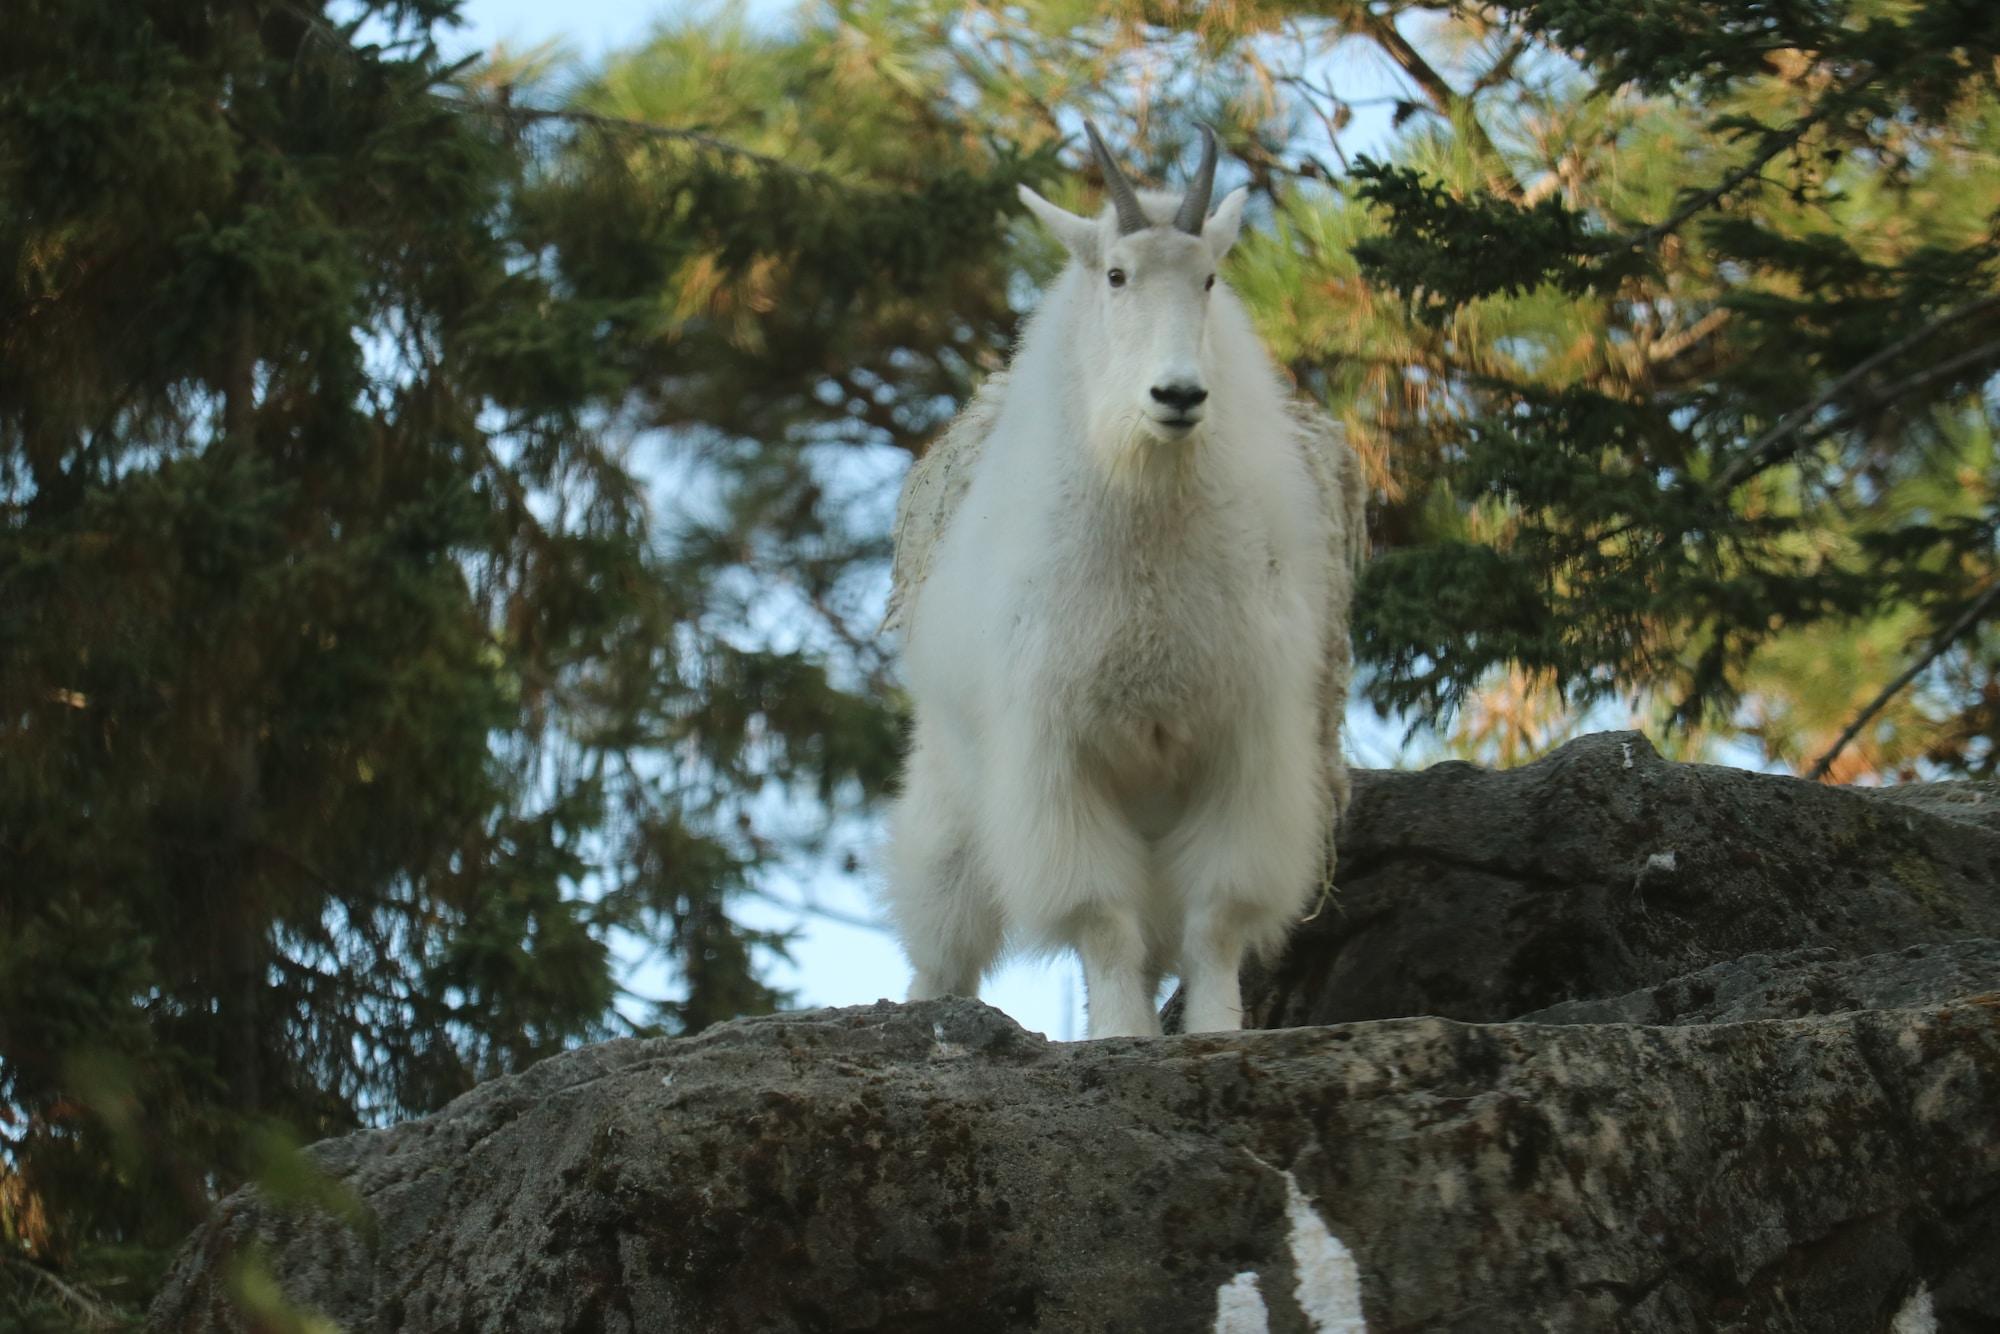 white animal standing during daytime